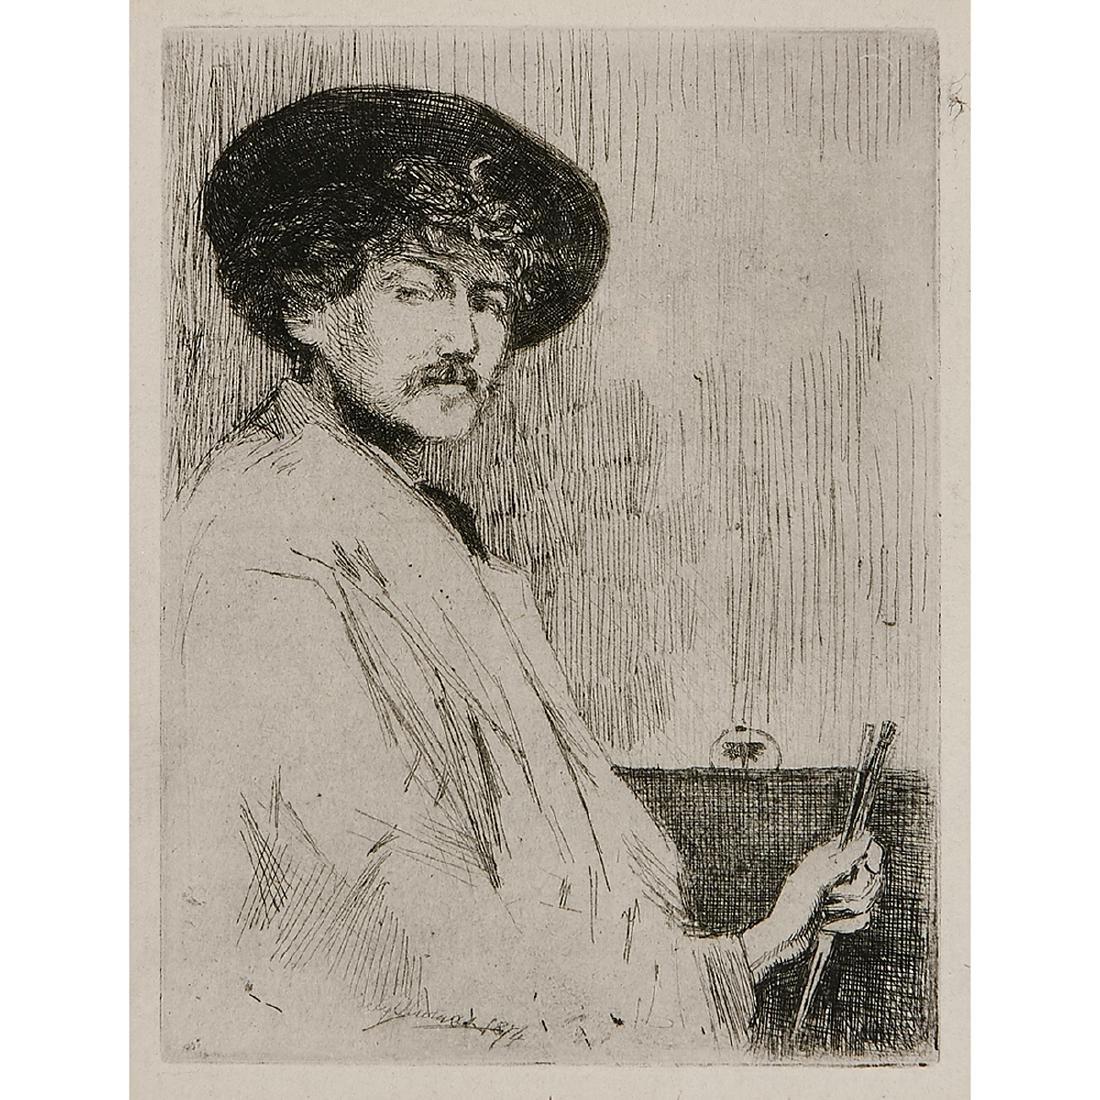 Percy Thomas, James McNeill Whistler